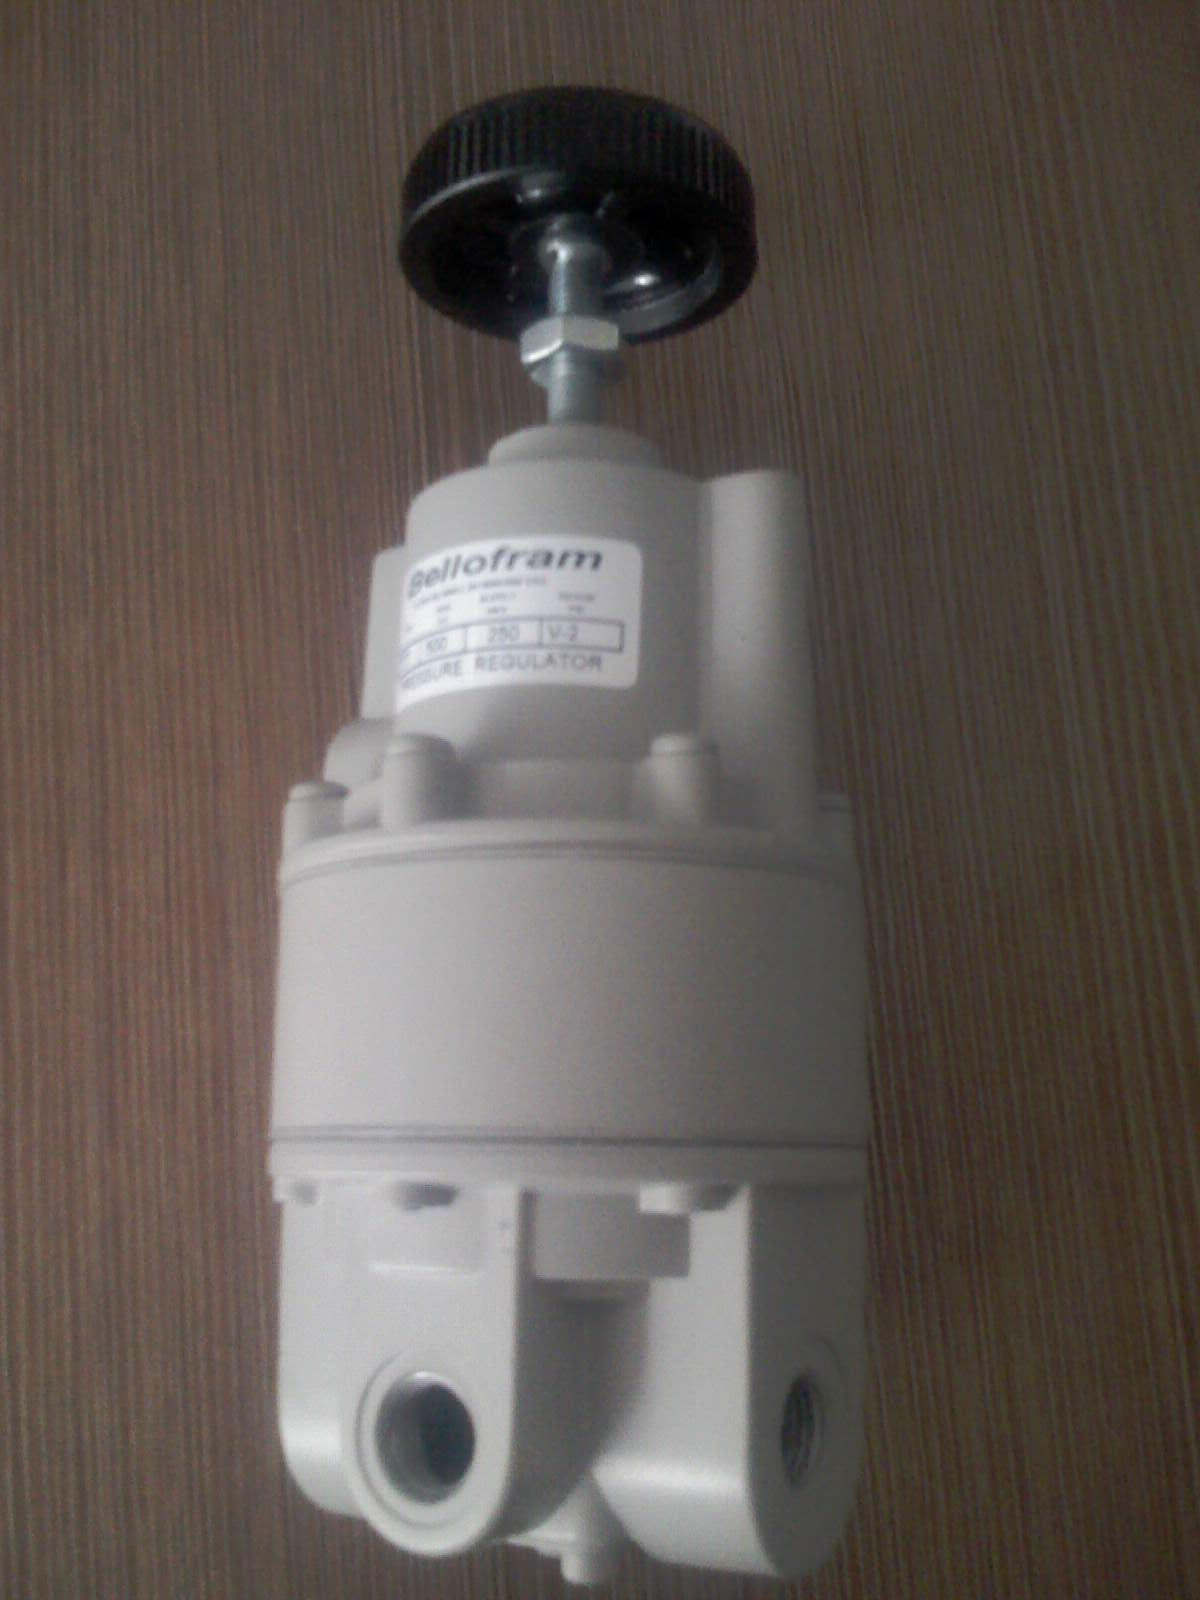 The United States BELLOFRAM T77 vacuum regulator 960-504-000 150PSI vacuum to 1MPA bellofram t77 vacuum regulator 960 500 000 2psi vacuum low pressure valve